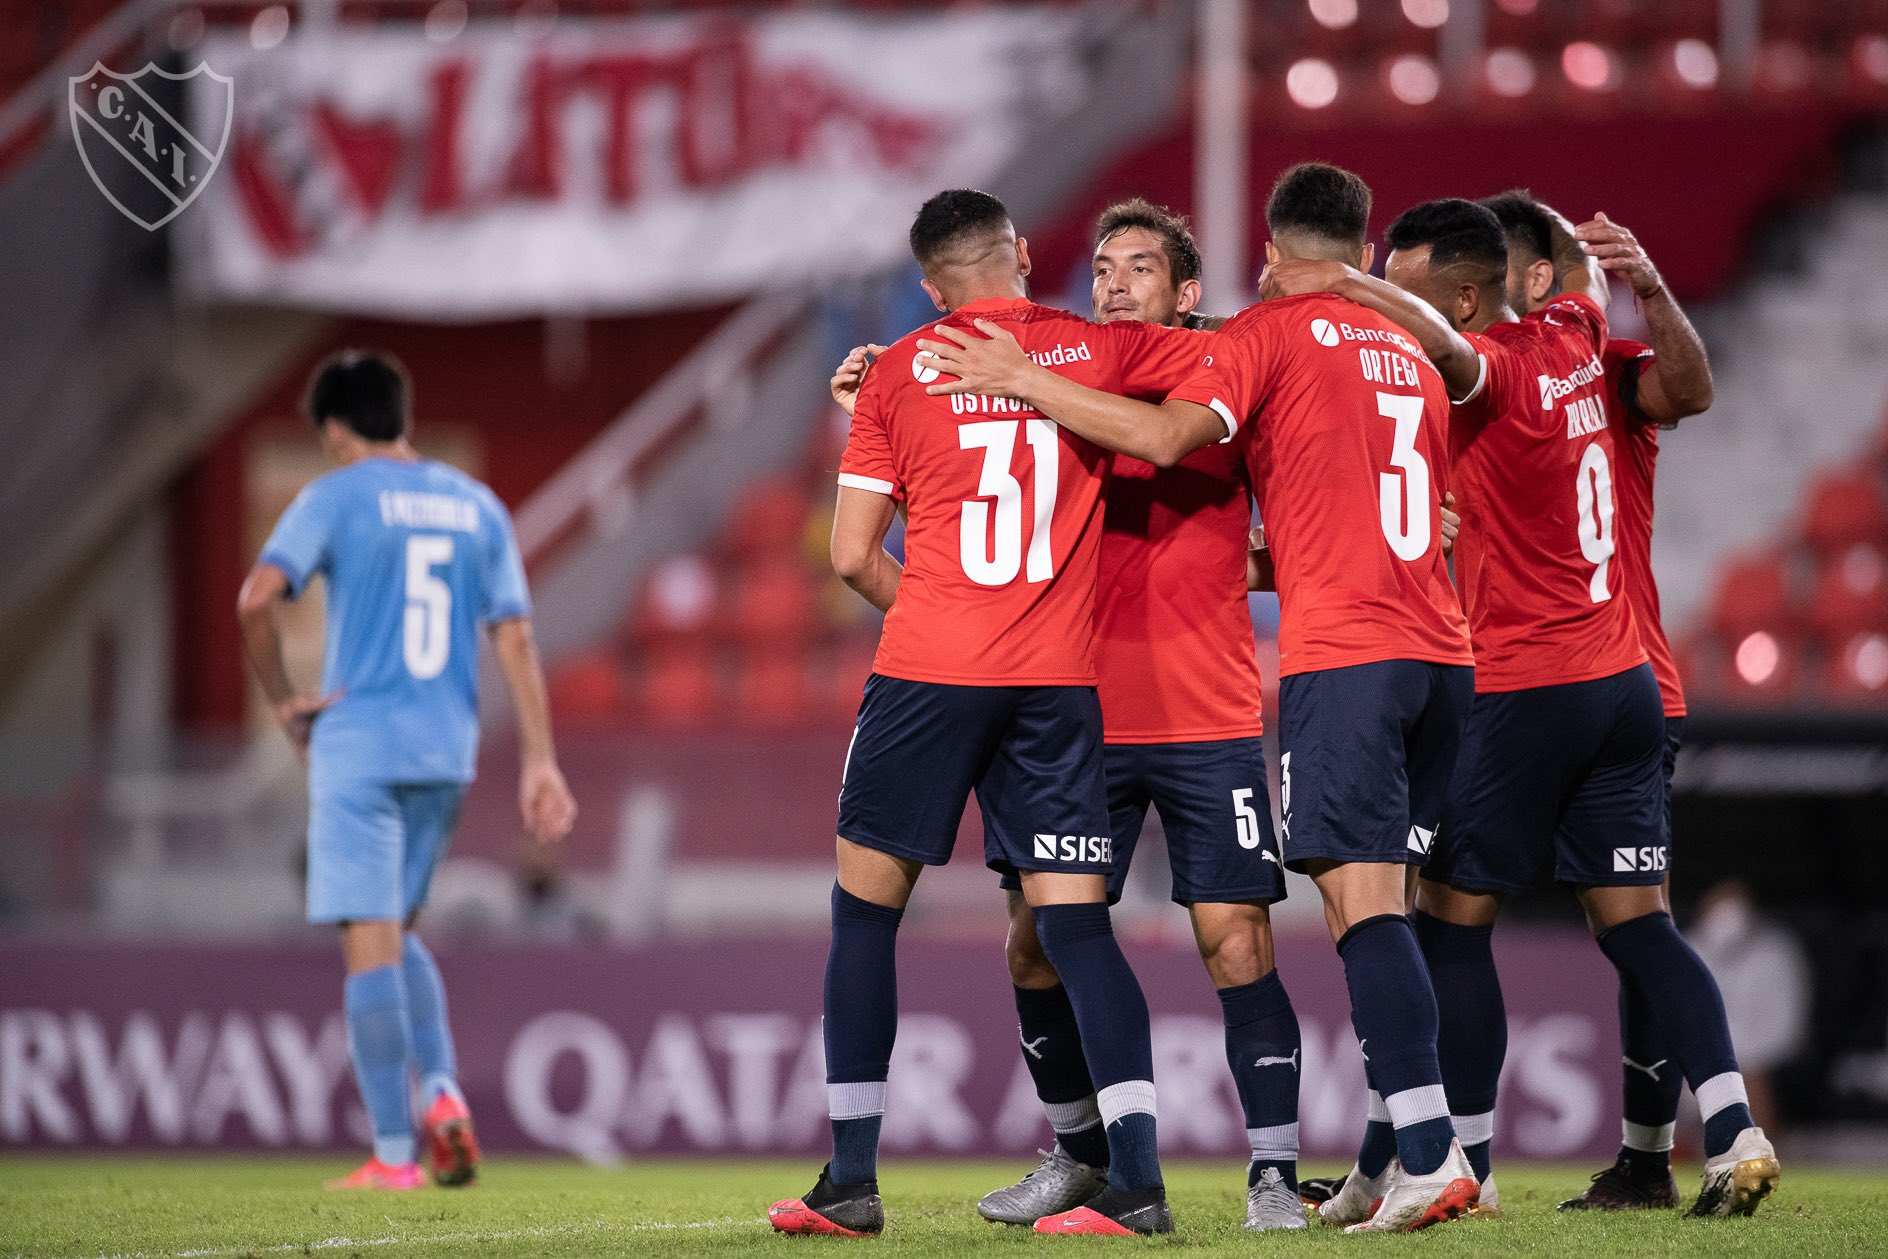 Luego de derrotar a City Torque, Independiente se mide ante Bahía en Brasil